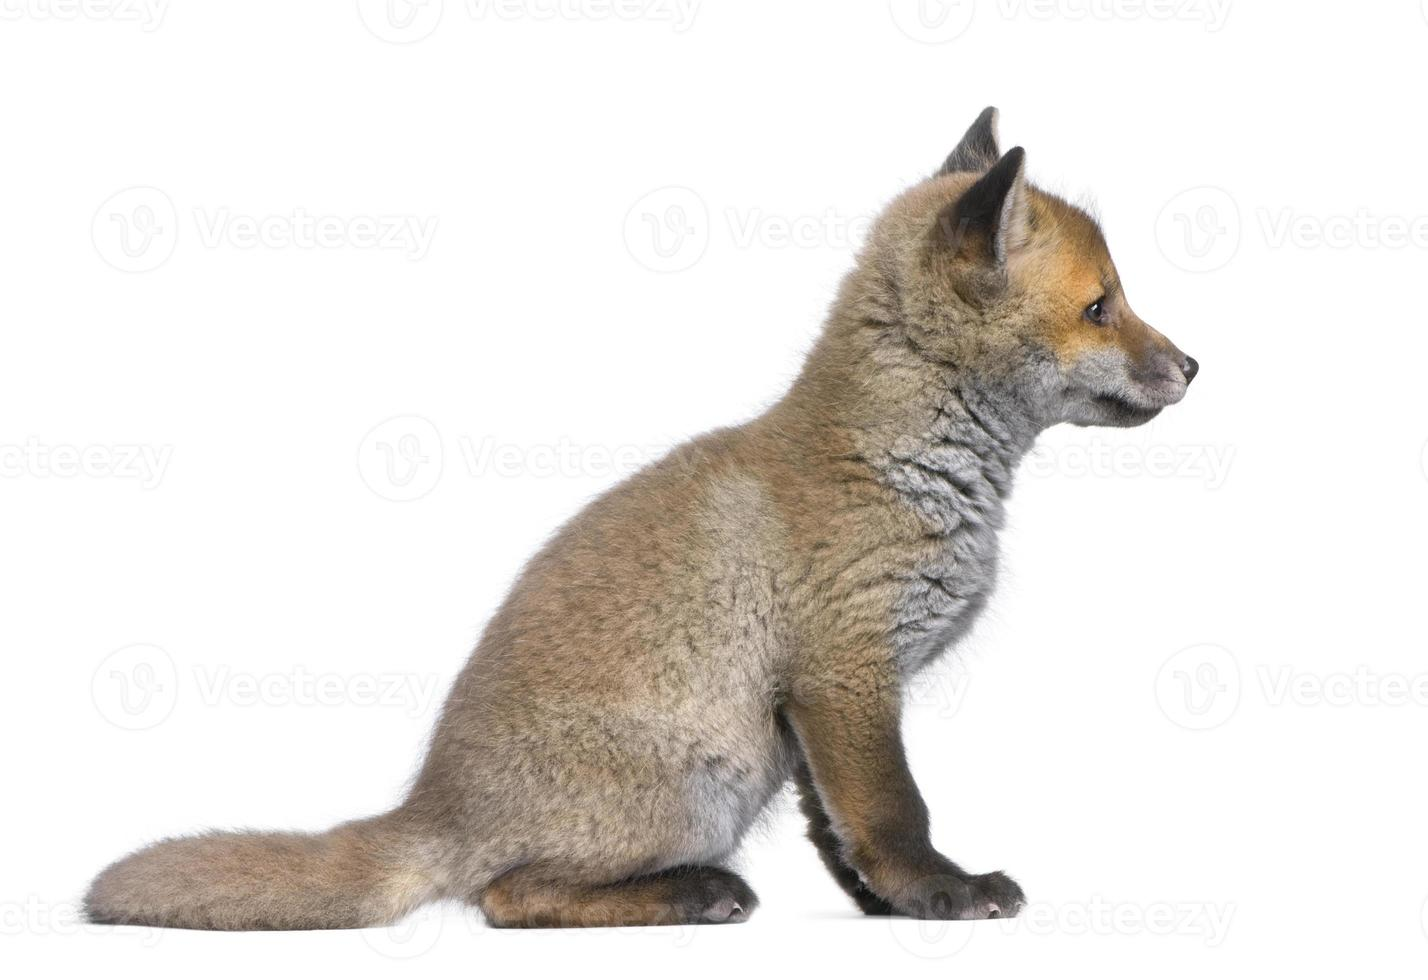 vista lateral de um filhote de raposa vermelha (6 semanas de idade) foto